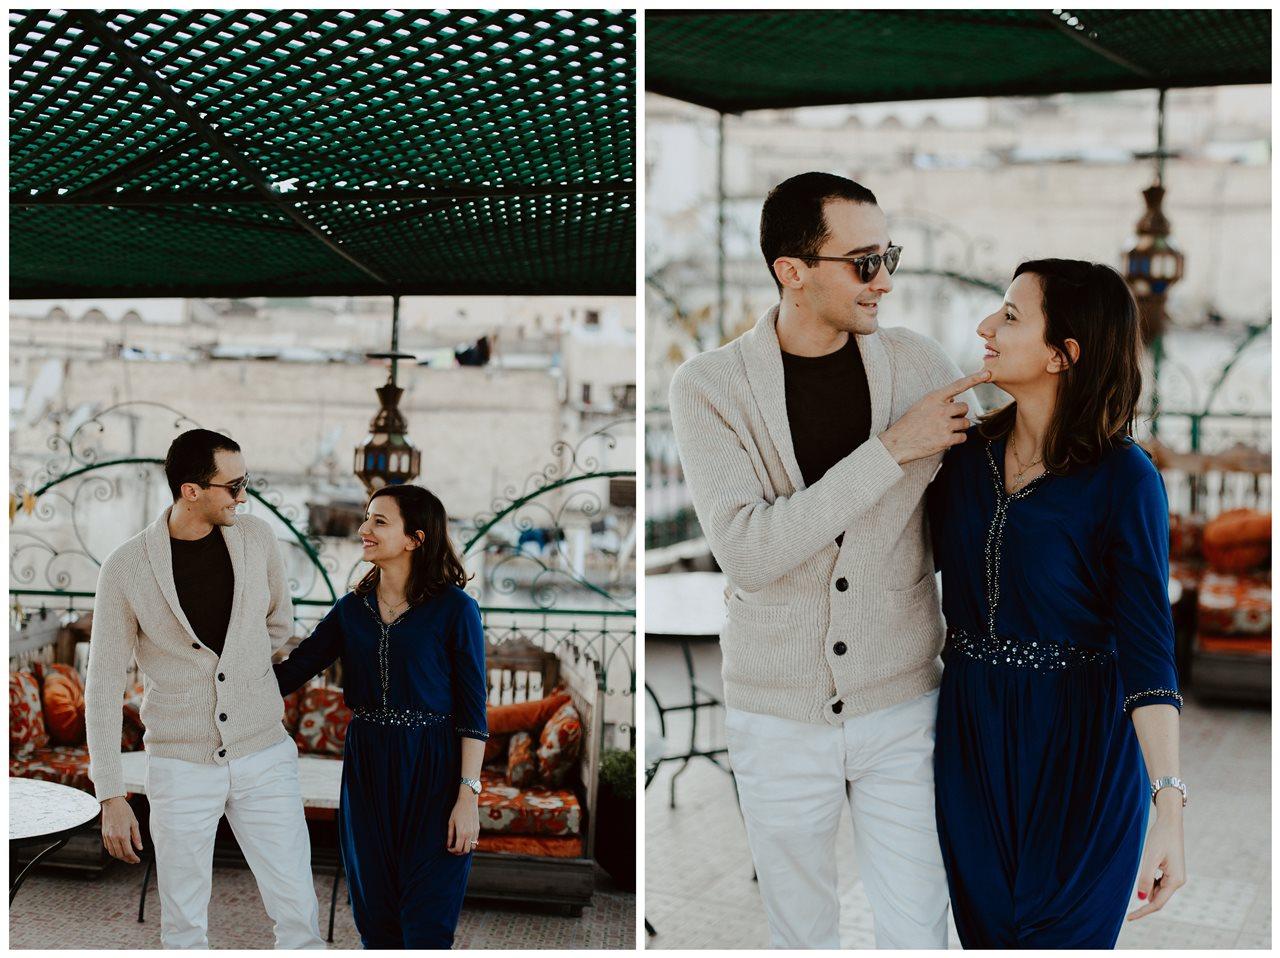 séance couple maroc fès complicité regards mariés terasse